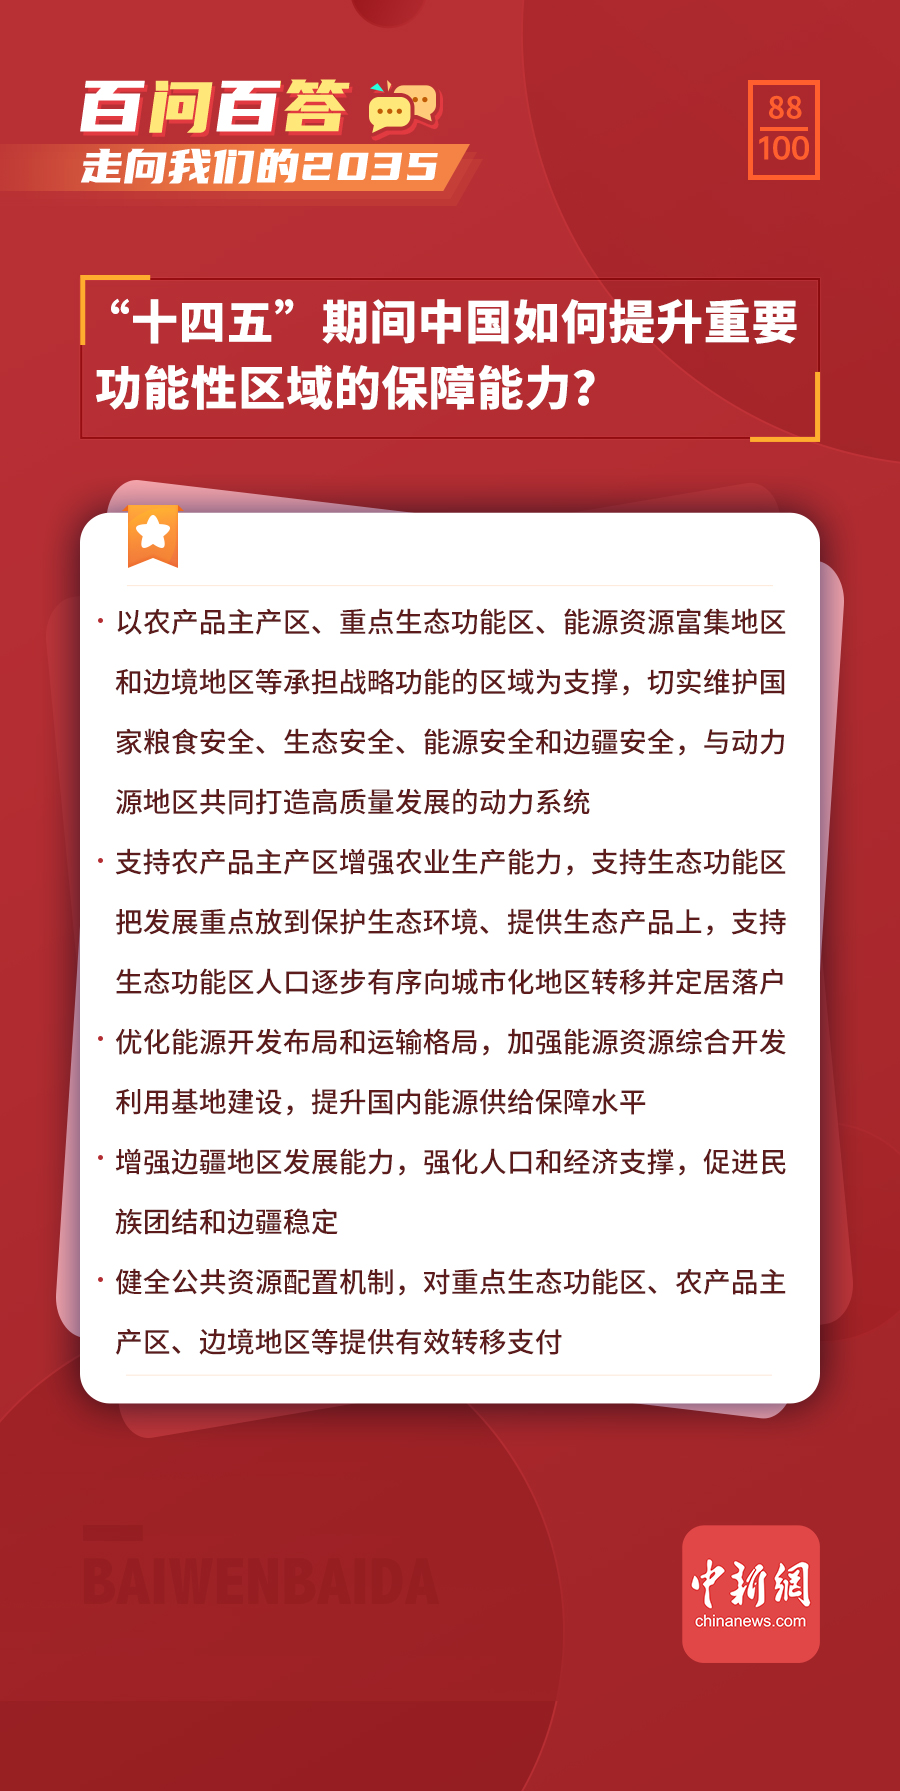 """【走向我们的2035·百问百答】""""十四五""""期间中国如何提升重要功能性区域的保障能力?"""